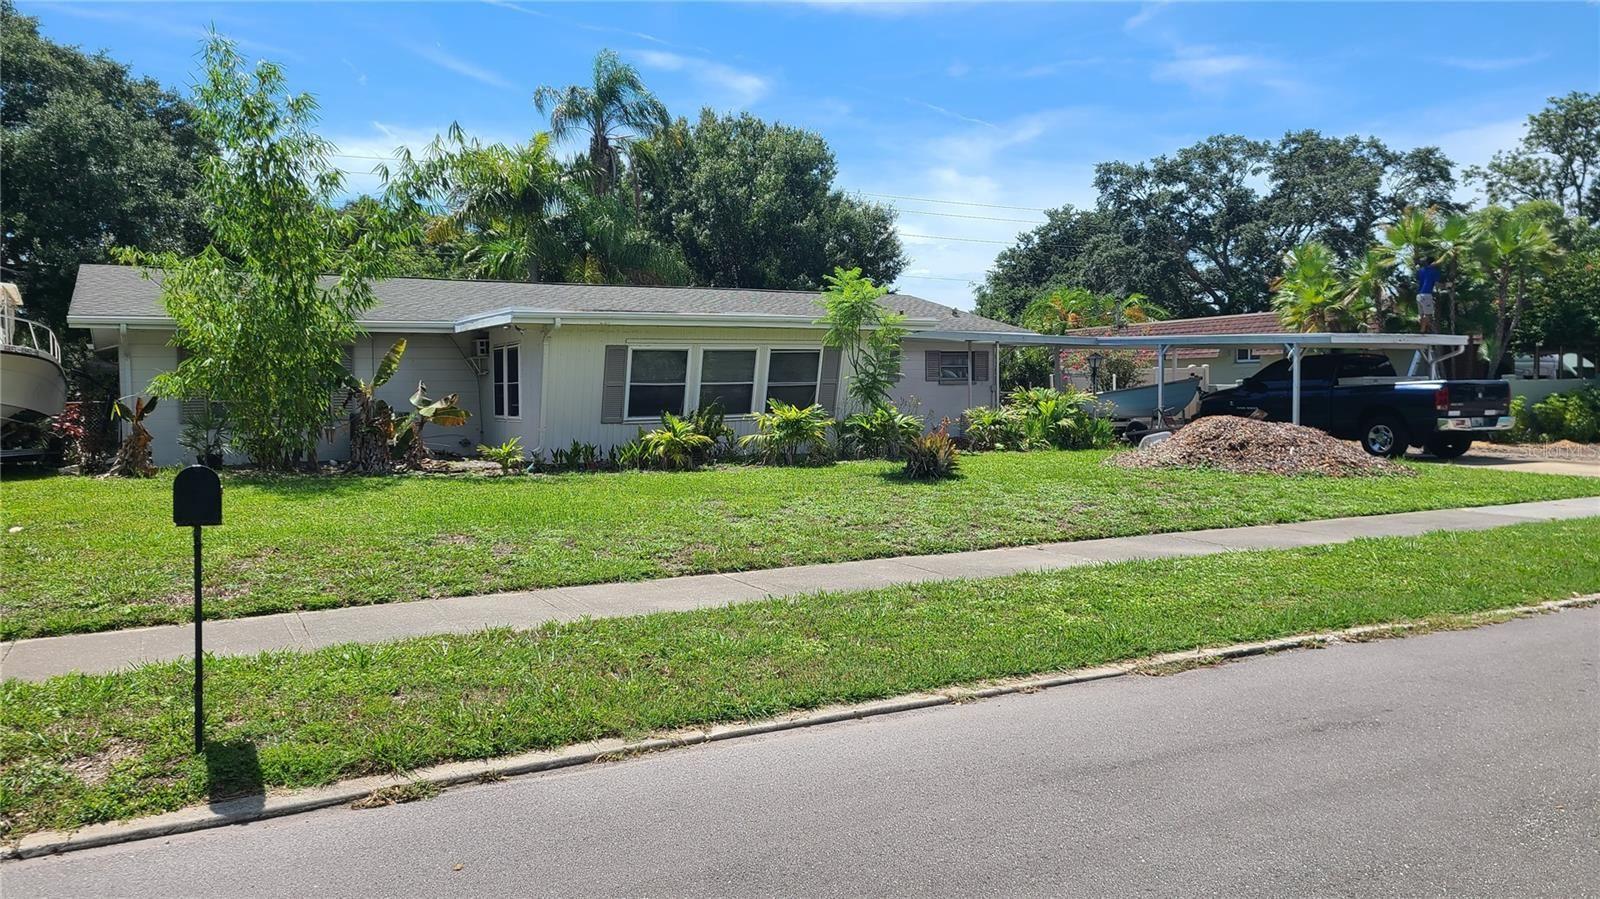 716 50TH STREET COURT W, Bradenton, FL 34209 - #: A4507566